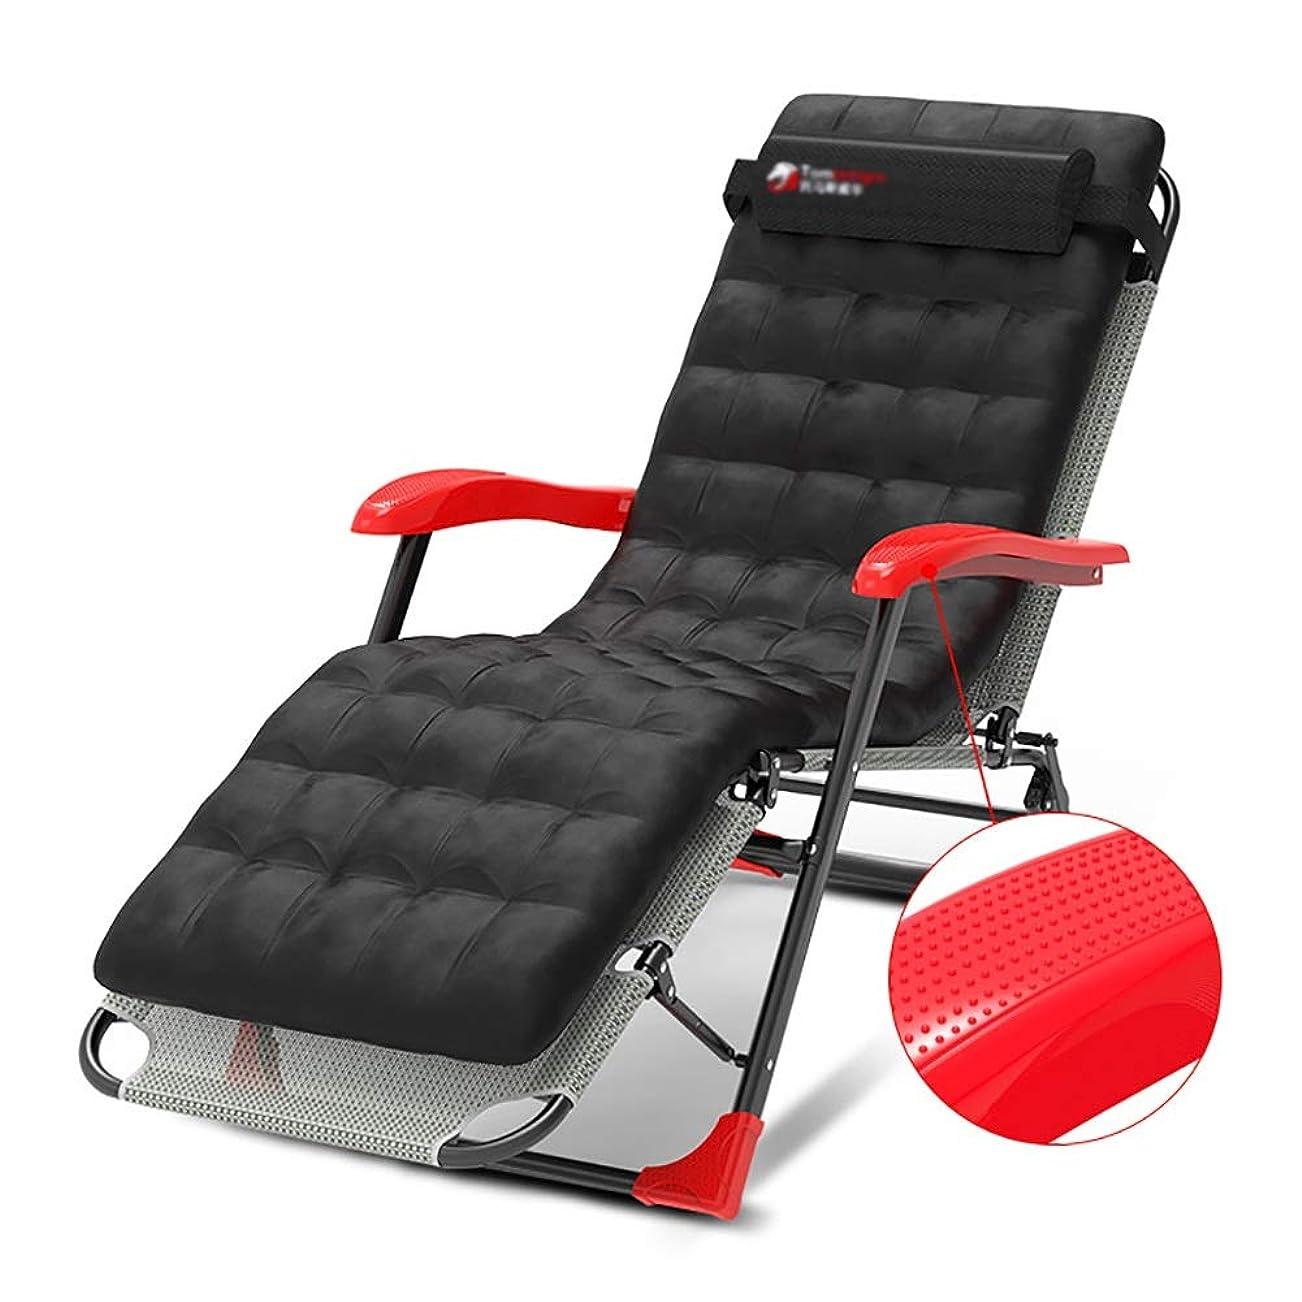 何よりも植物の磁気ラウンジチェア マッサージアームレスト&コットンパッド、黒折りたたみ式3ギア調整屋外長椅子ラウンジチェア付きゼロ重力リクライニングパティオチェア